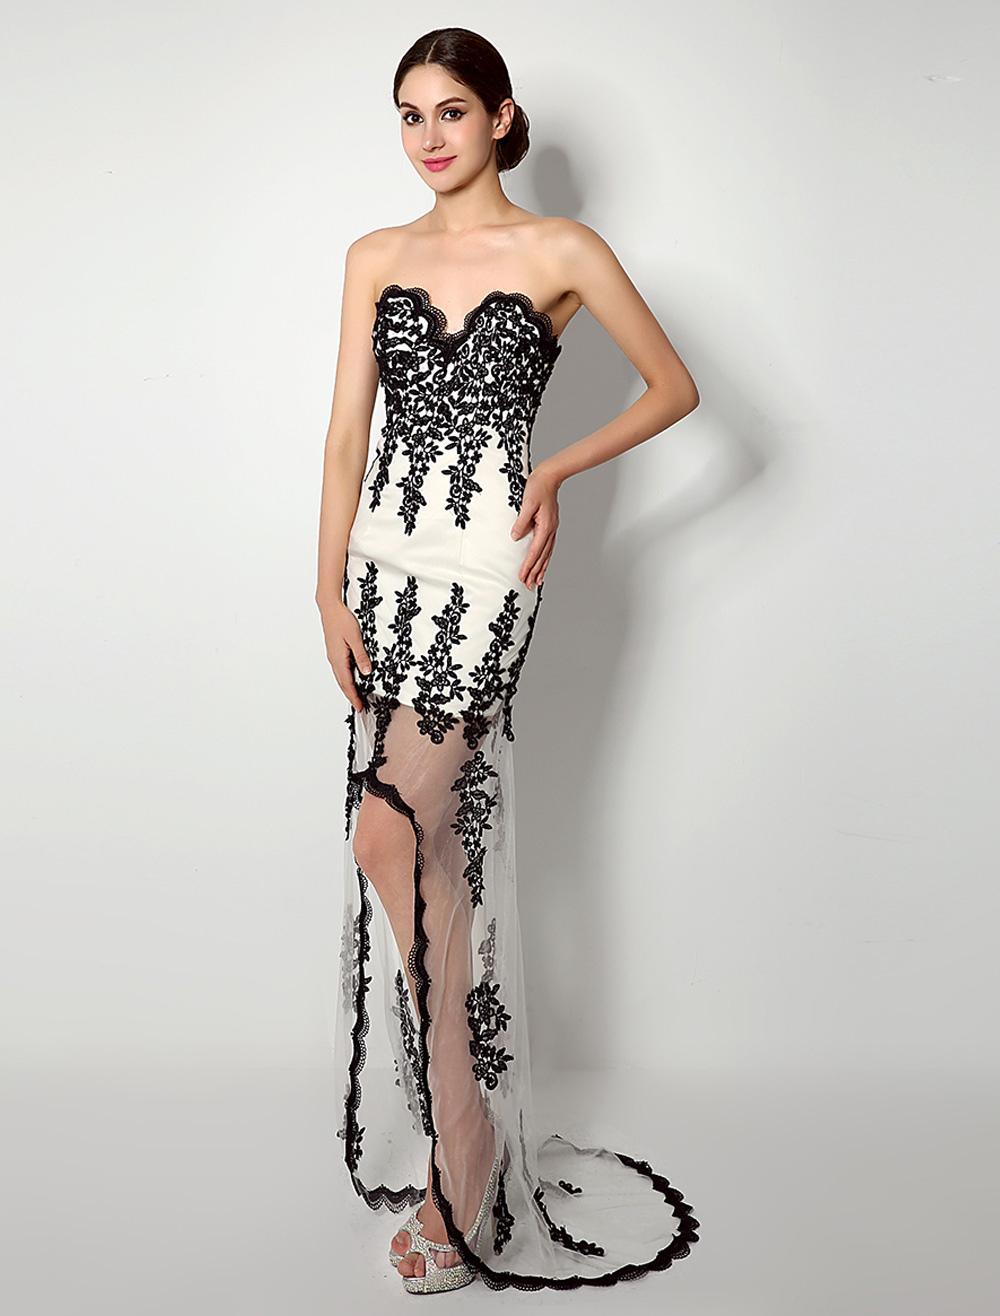 High-Low weißes Kleid mit schwarzer Spitze und schiere-Rock ...